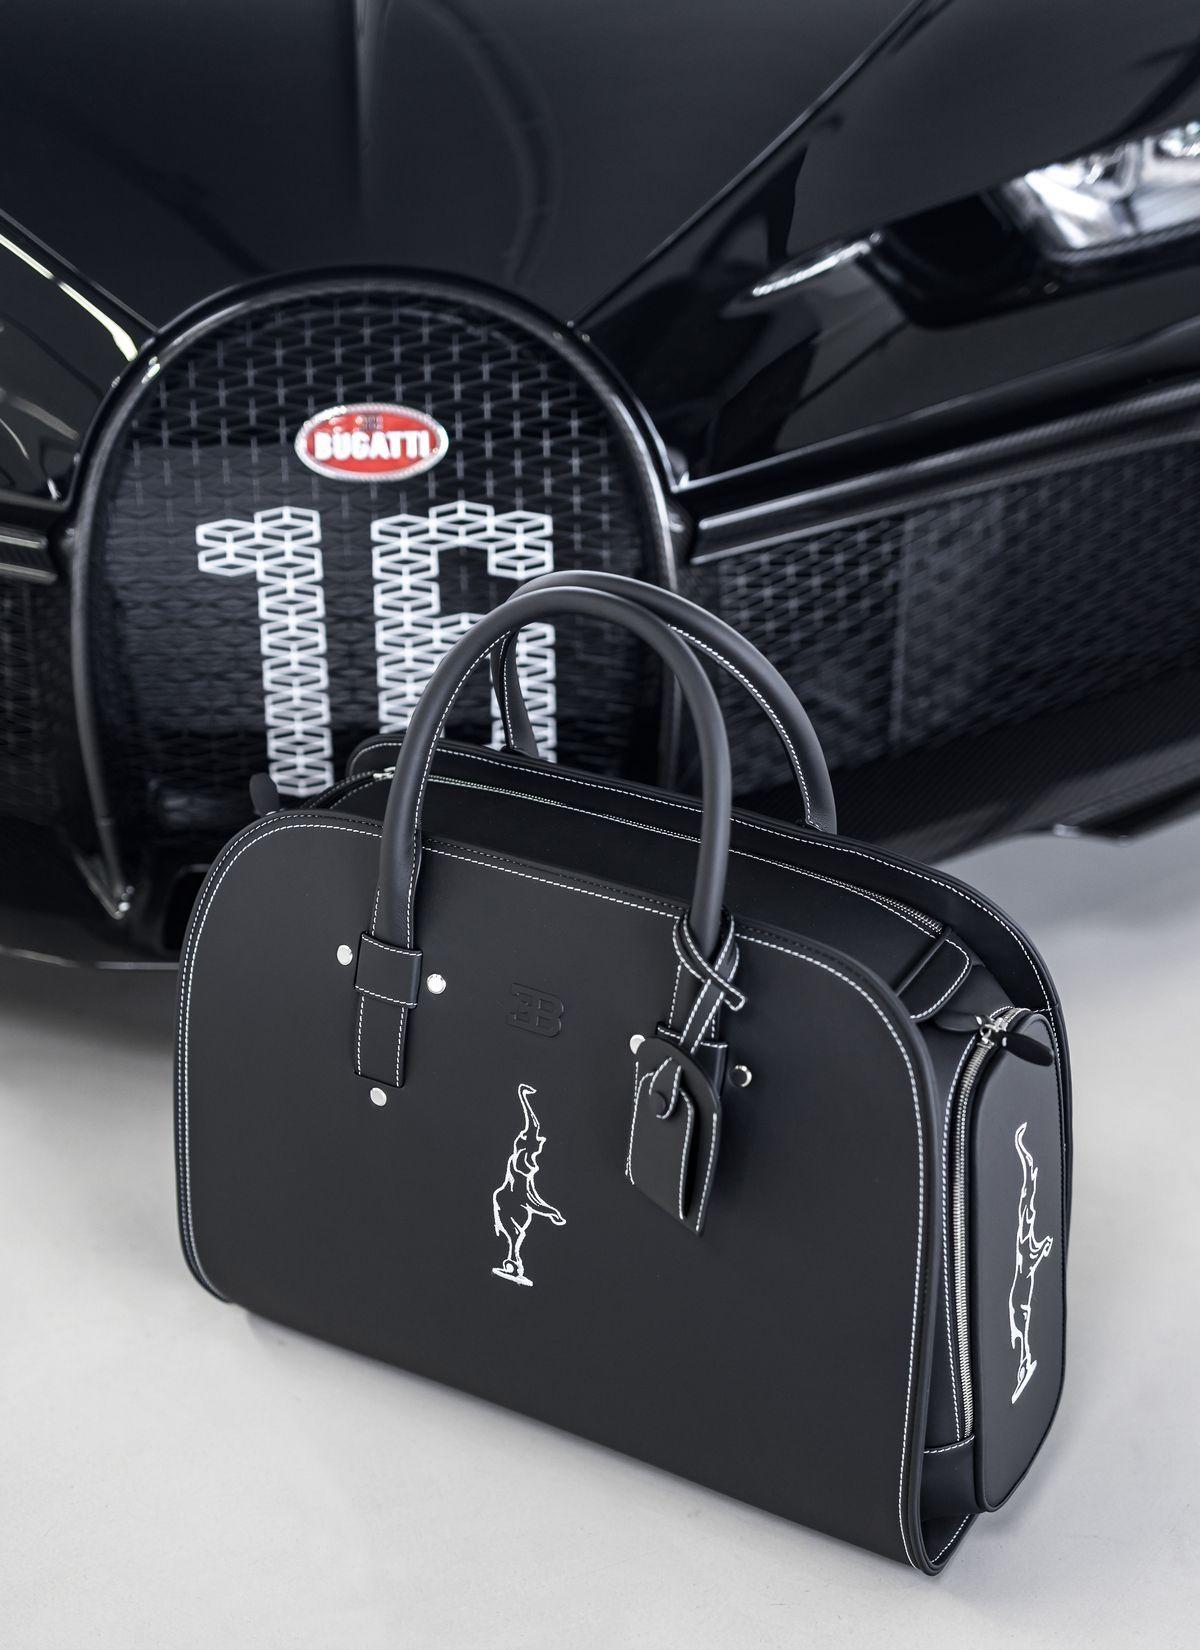 Reisegepäck für den Chiron: Bugatti by Schedoni